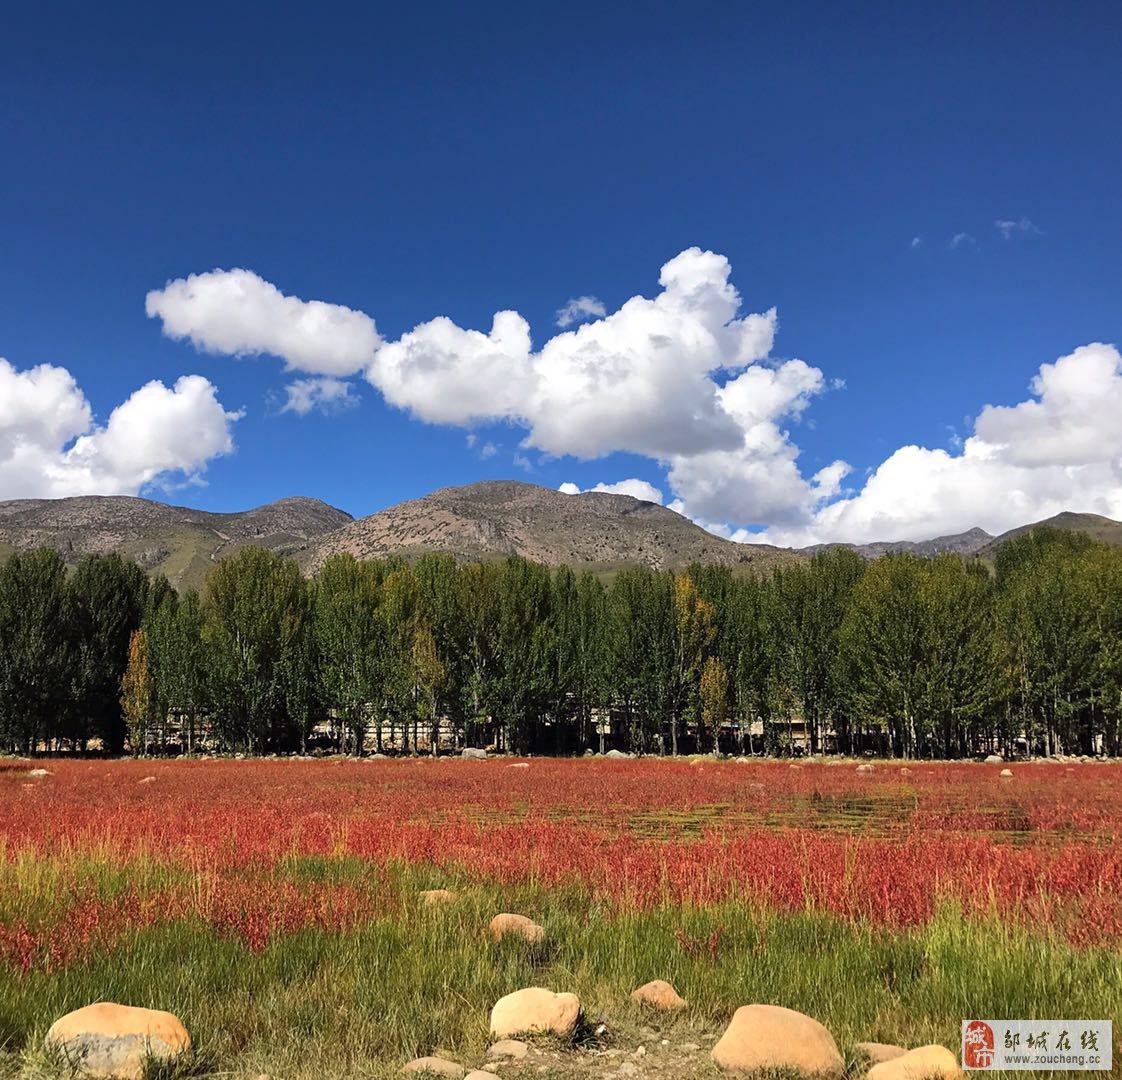 西行川西―从川西的世界走过,把最好的秋色留给你